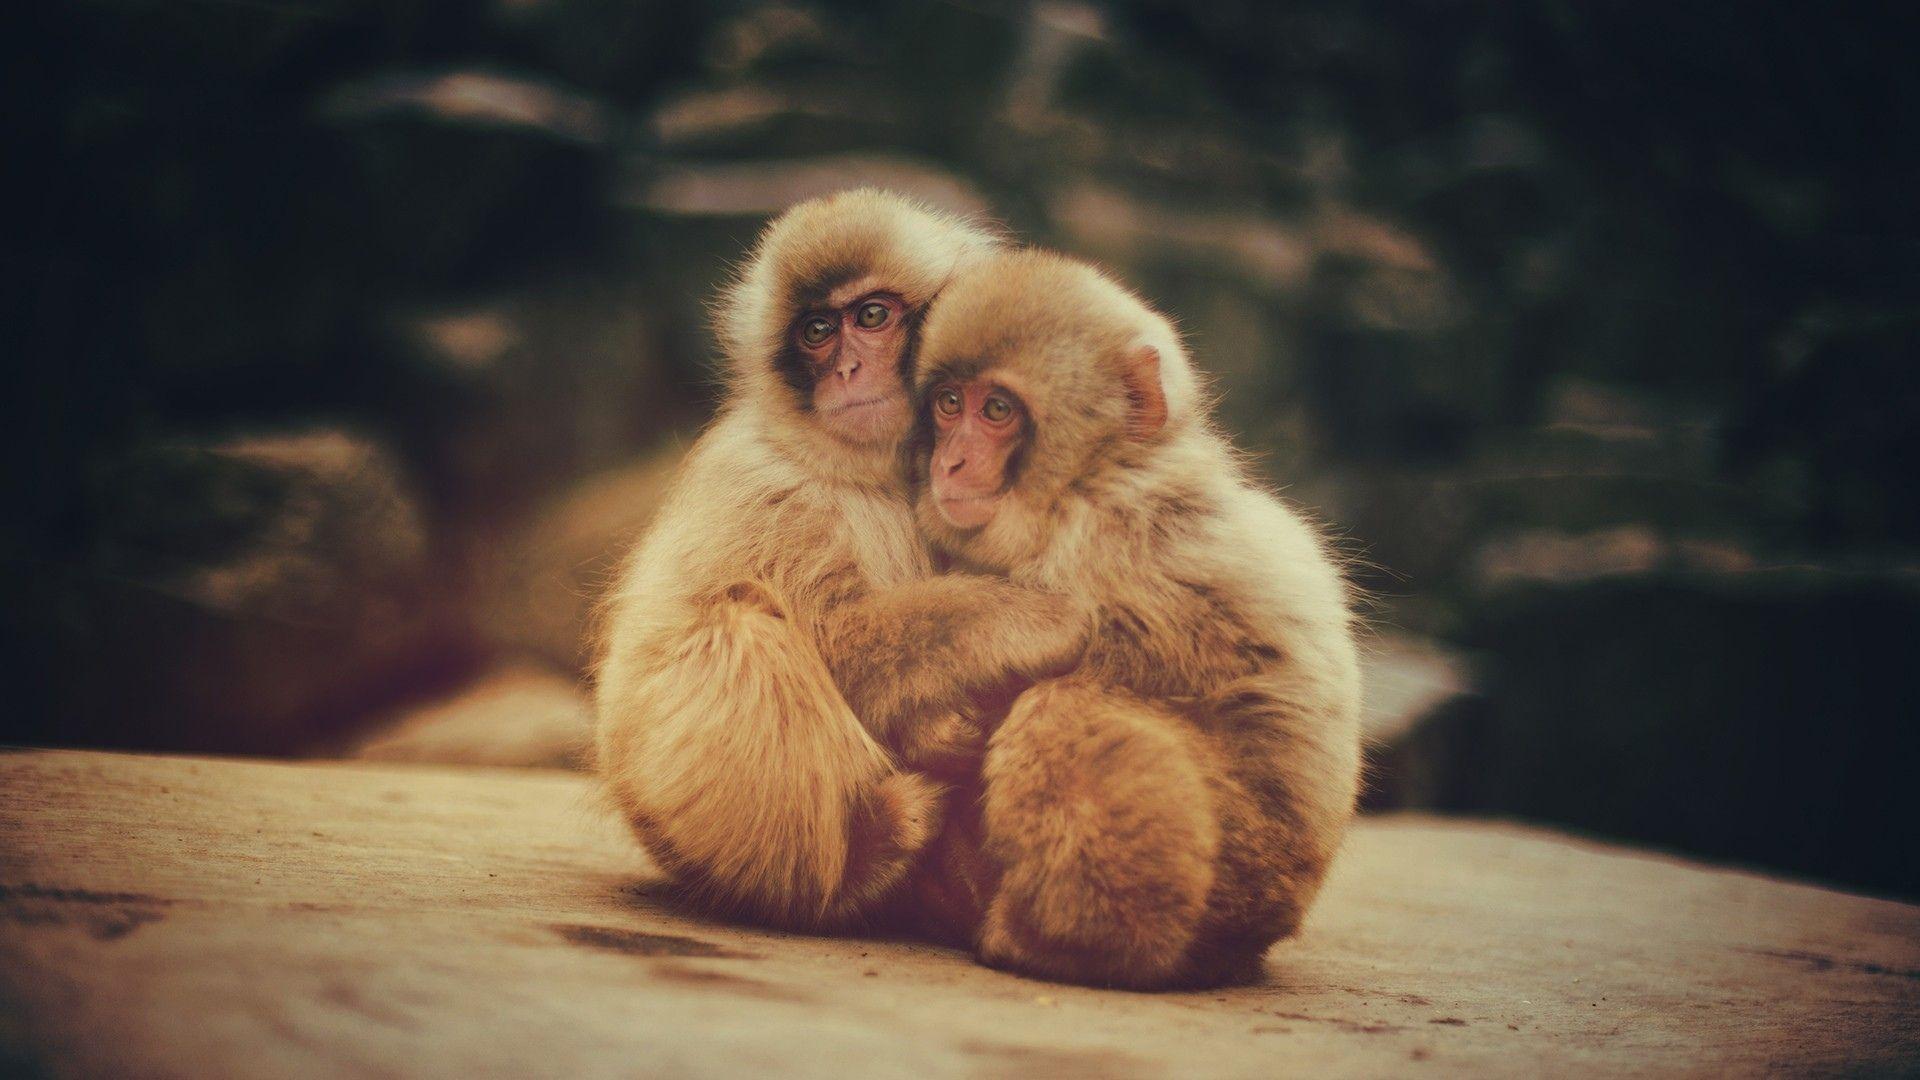 The Wallpaper Of Cute Monkeys